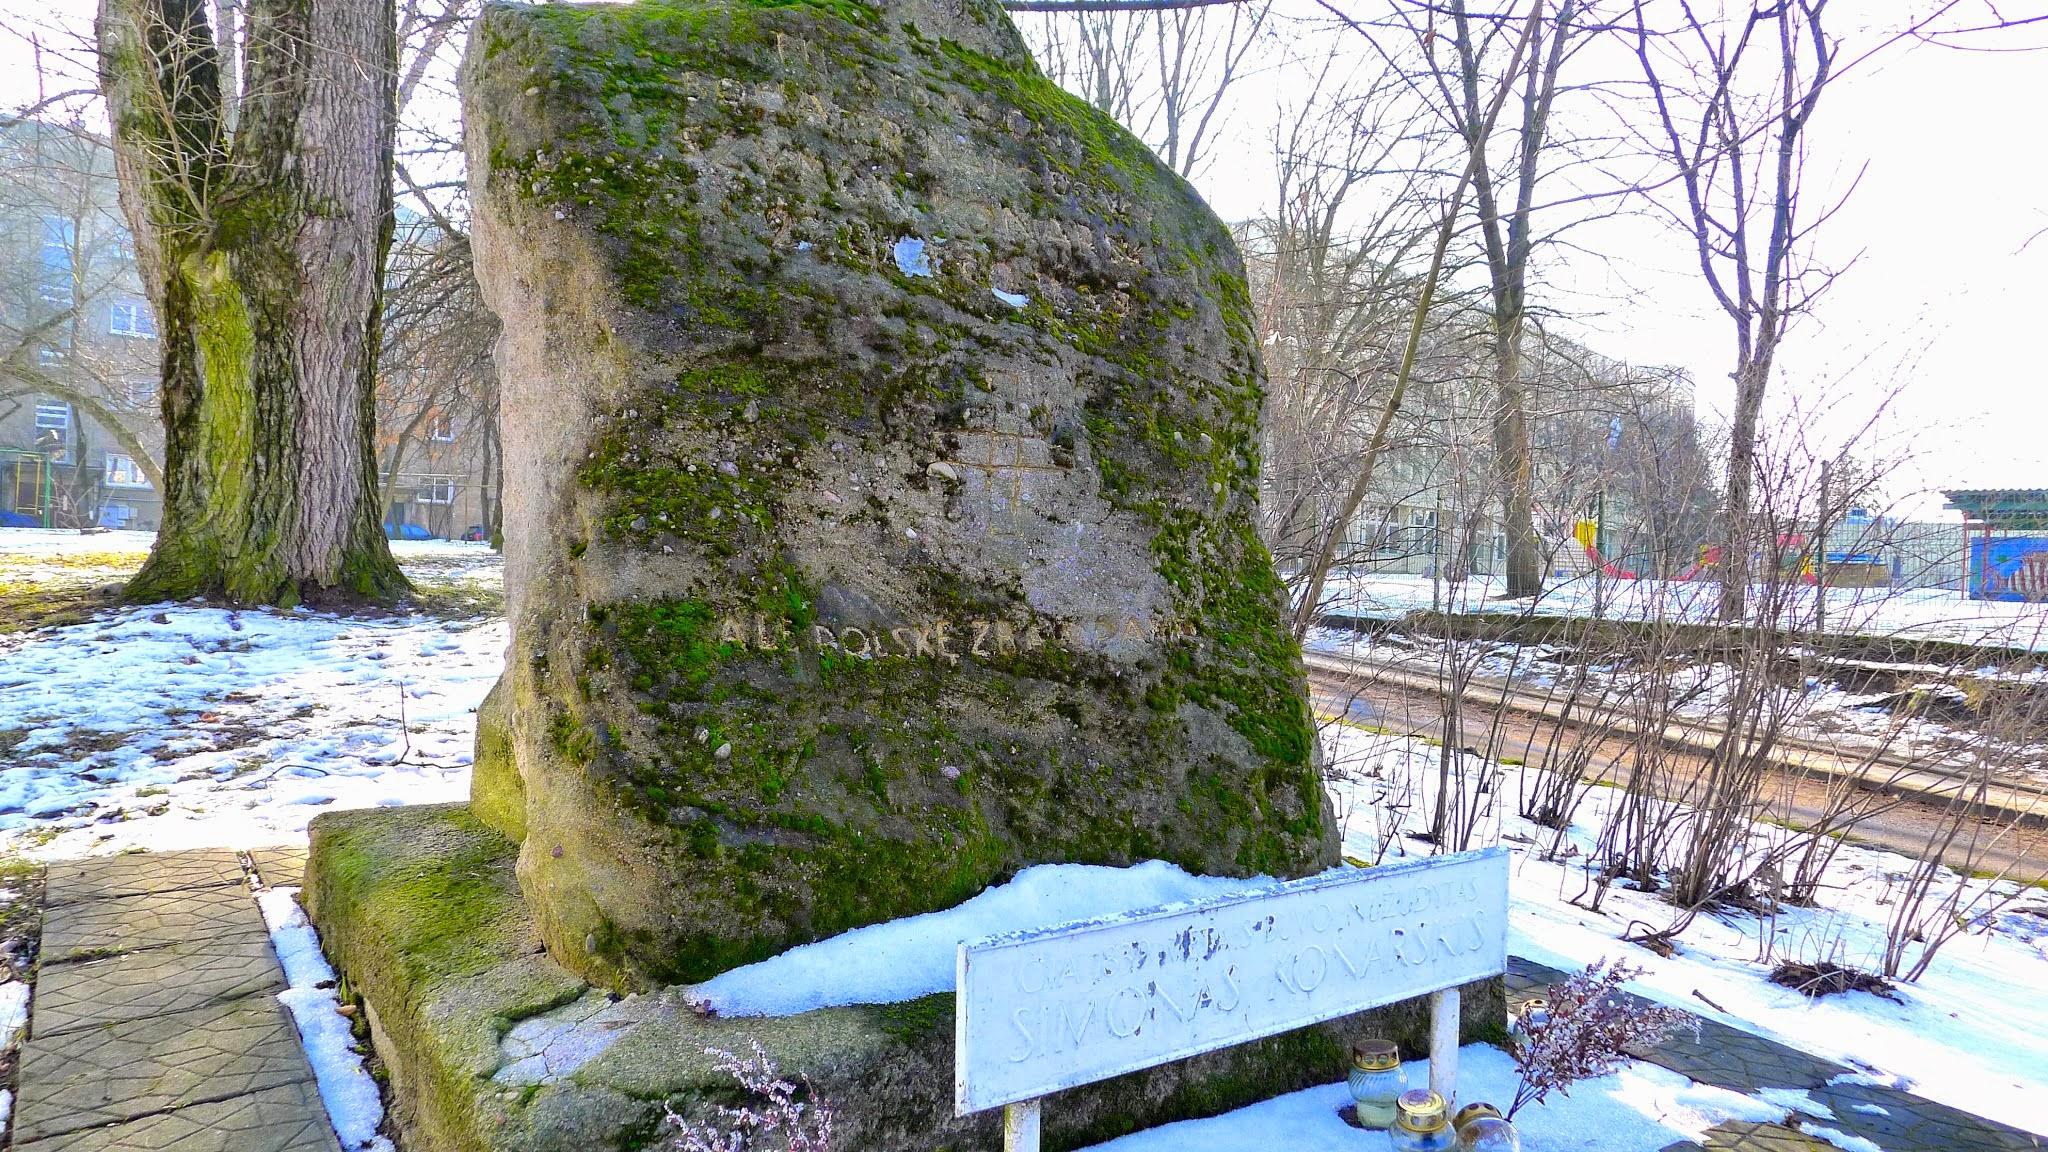 Akmuo pastatytas vietoje, kur buvo sušaudytas Simonas Konarskis